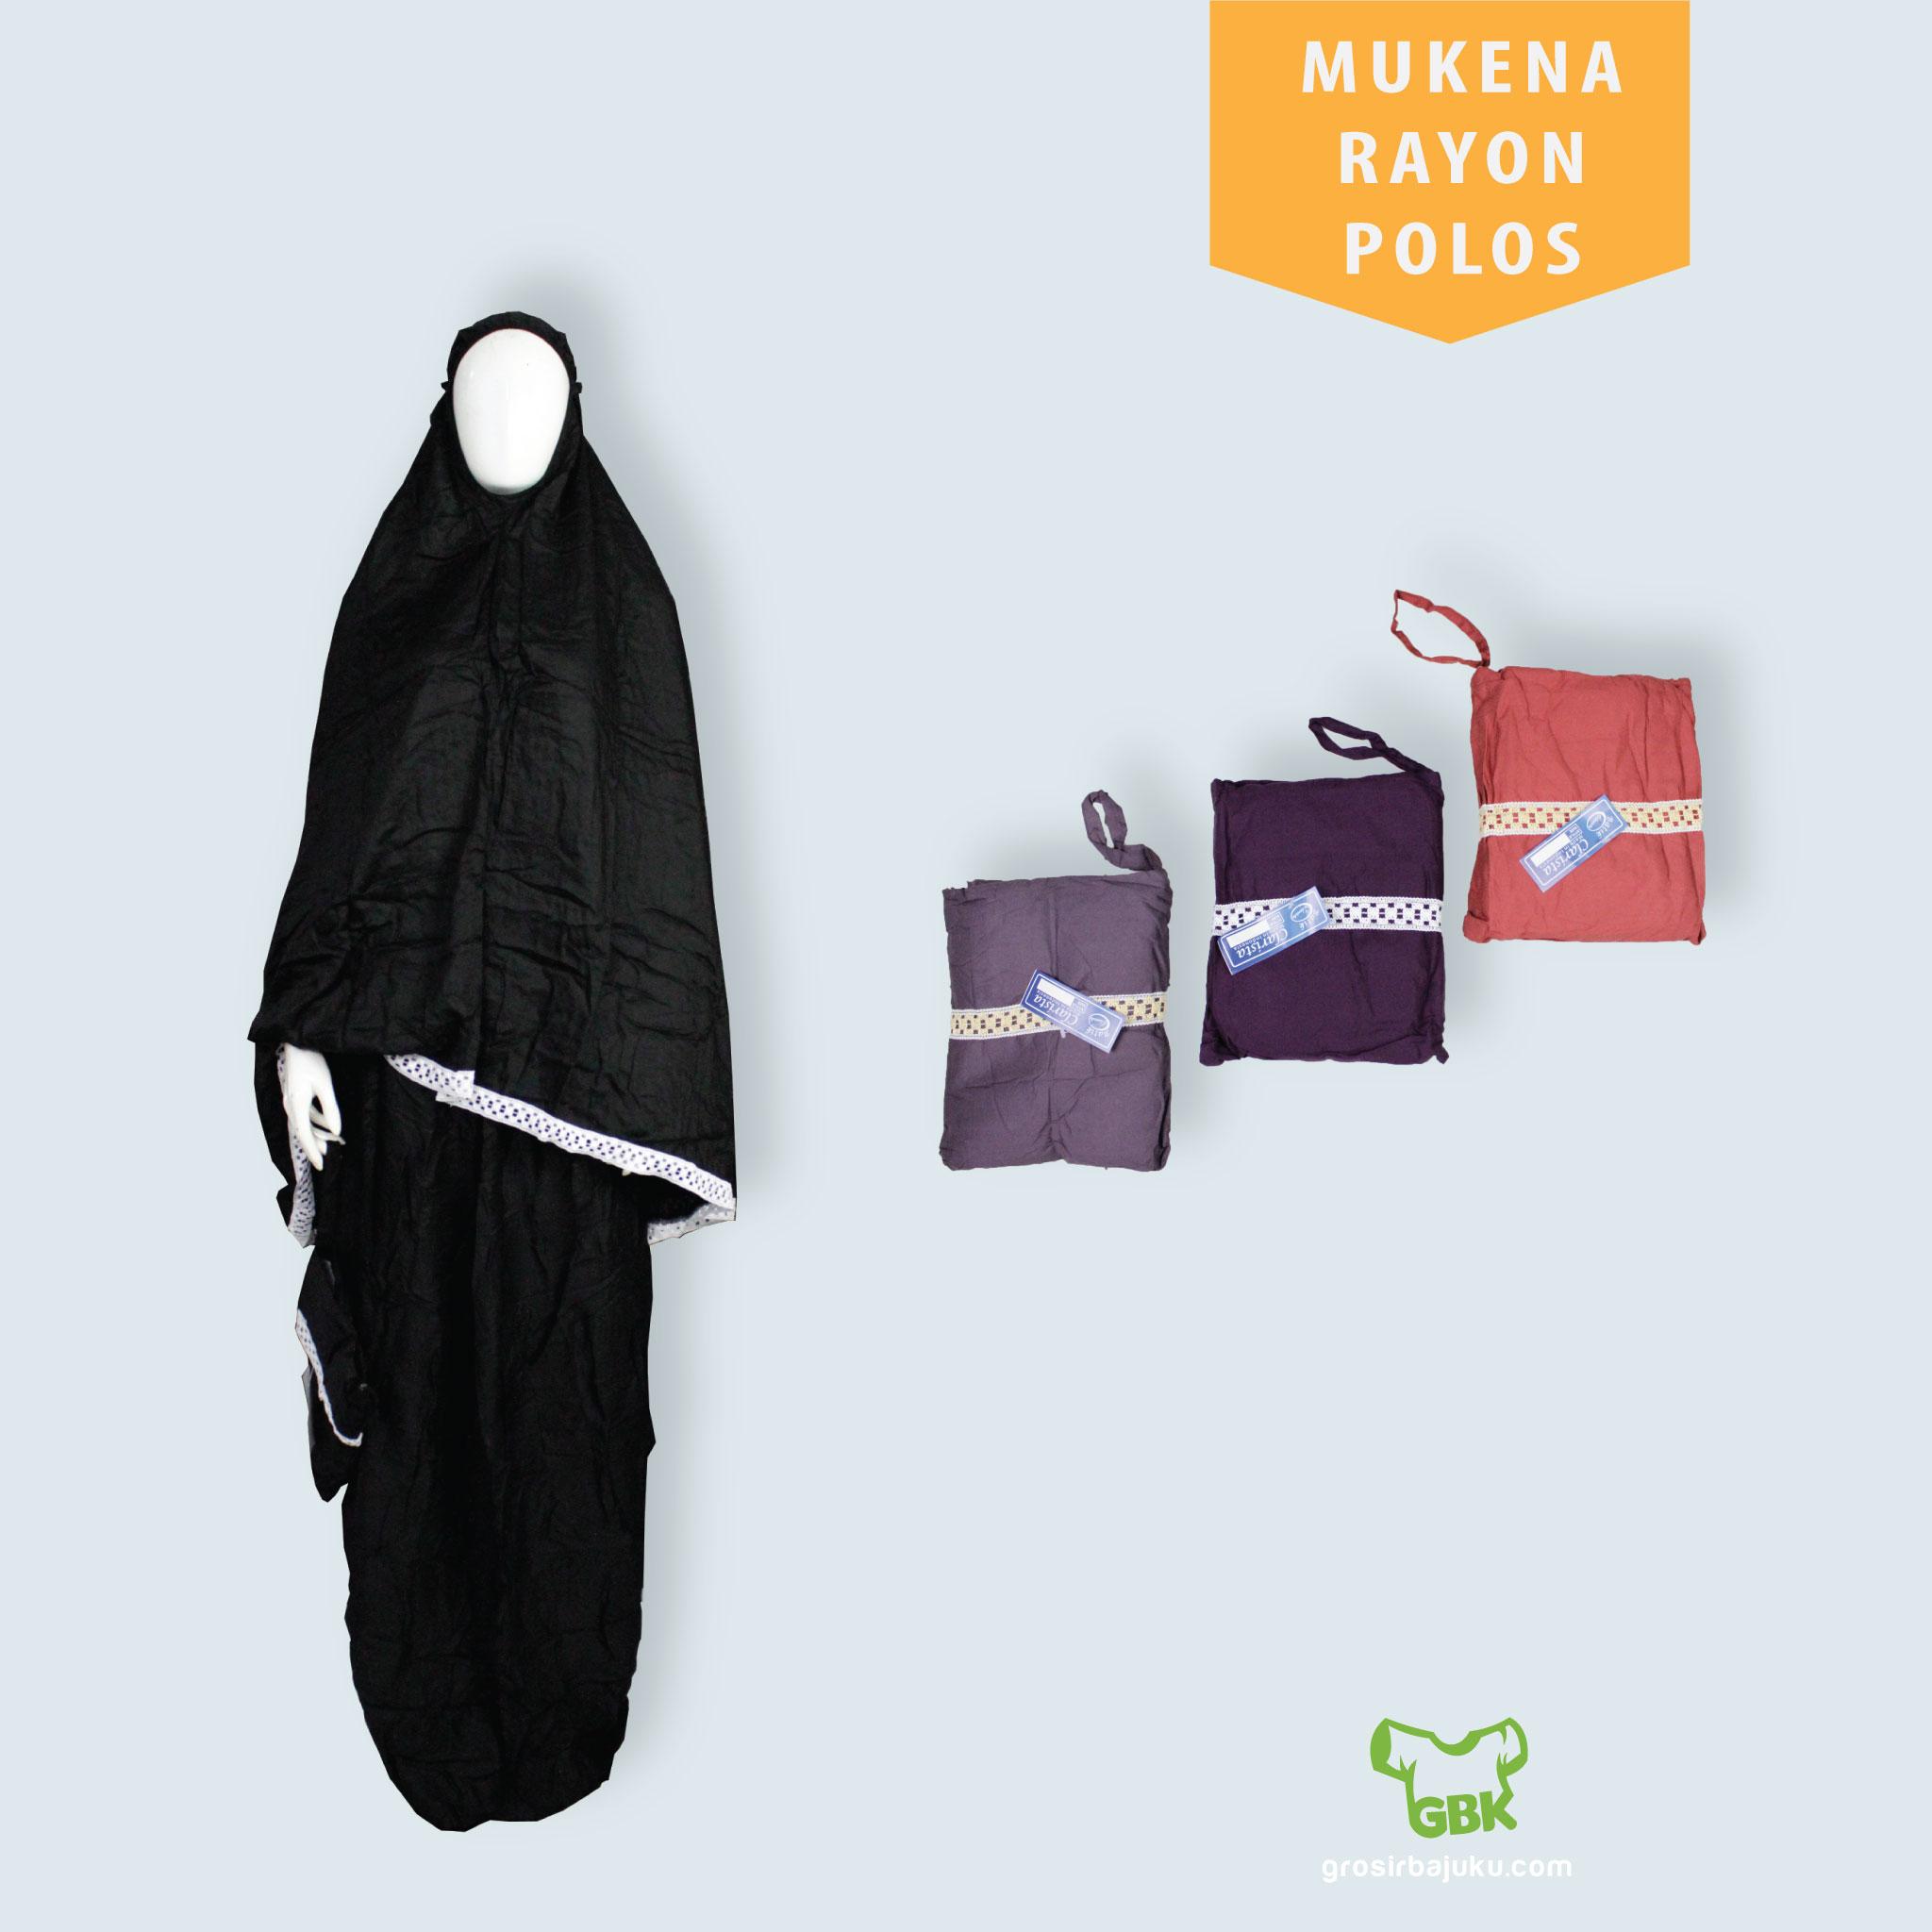 Mukena Rayon Polos Dewasa